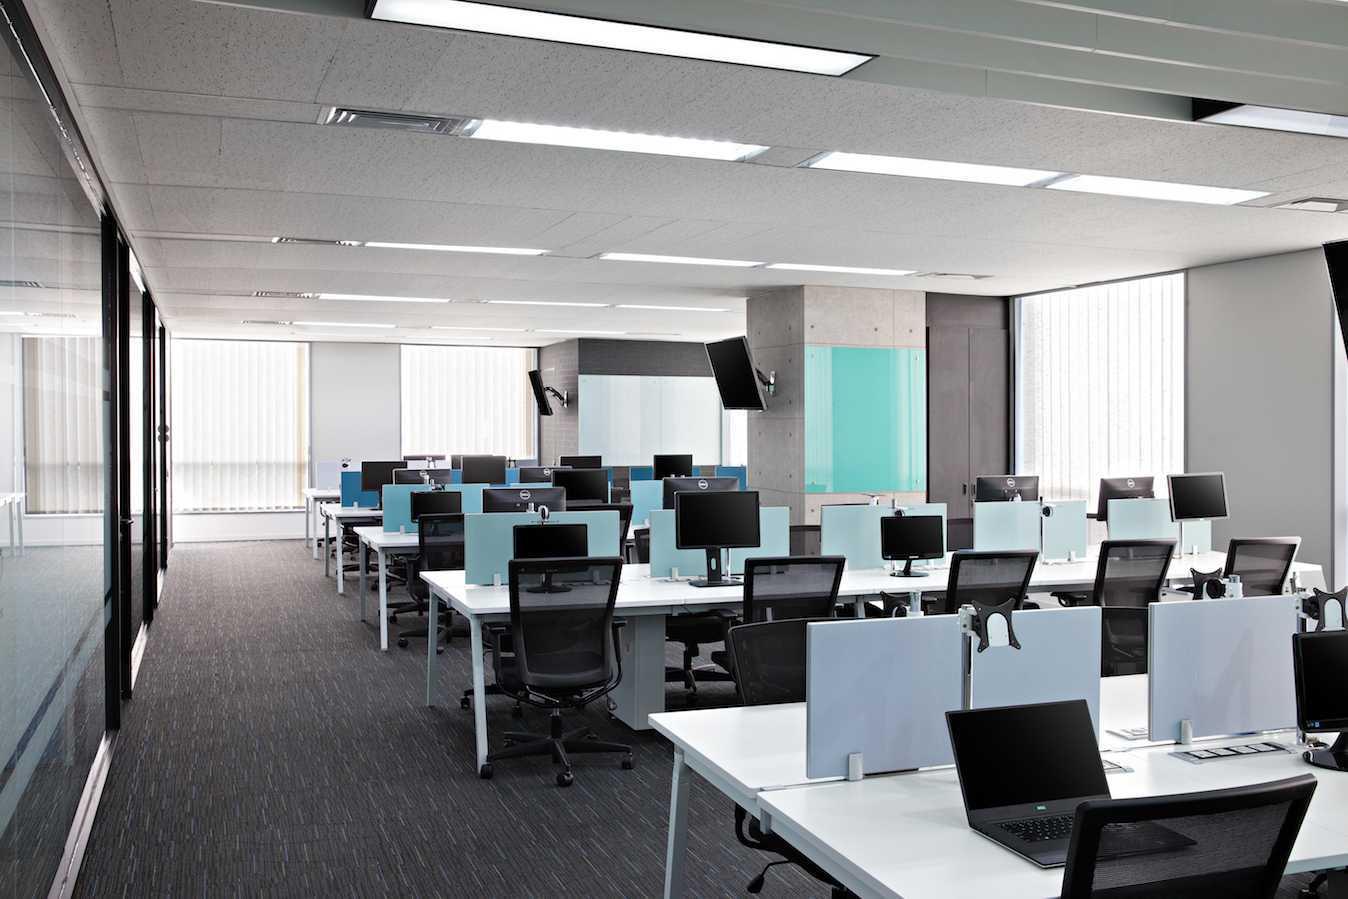 Pt Asa Adiguna Allegro Development Menara Thamrin Building Menara Thamrin Building Working Area Modern 24592